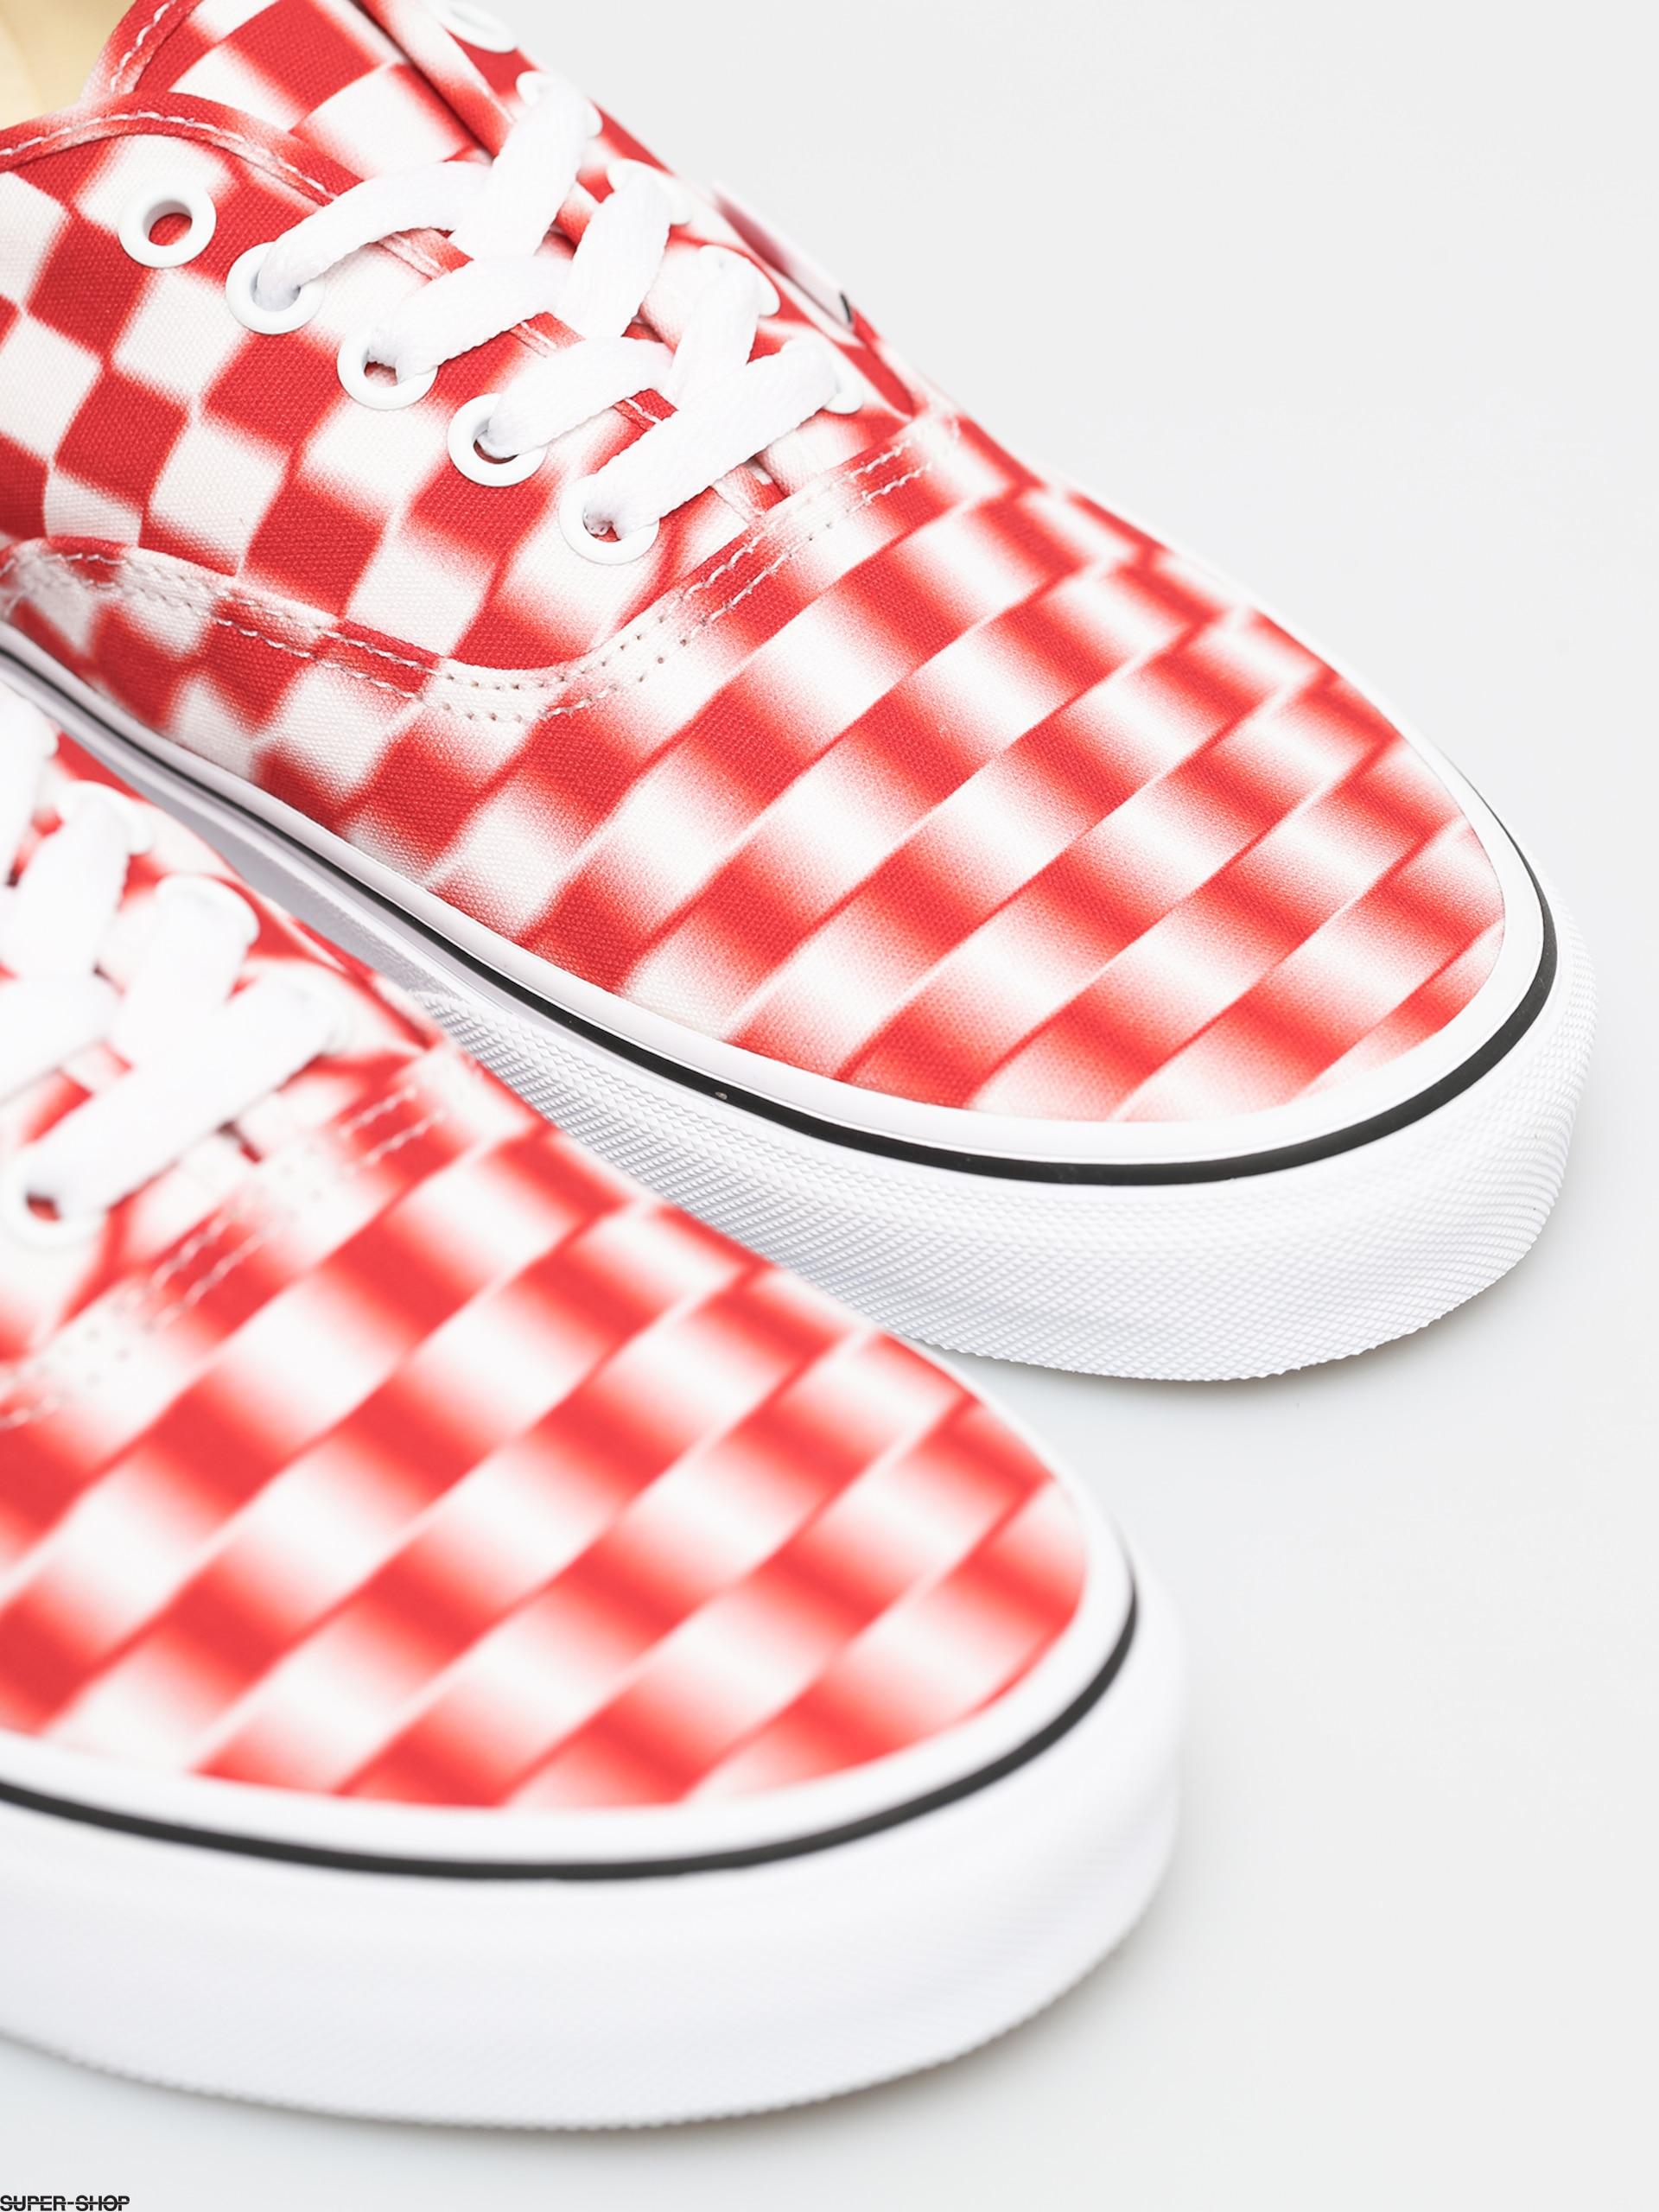 Vans Authentic Shoes (blur check/true